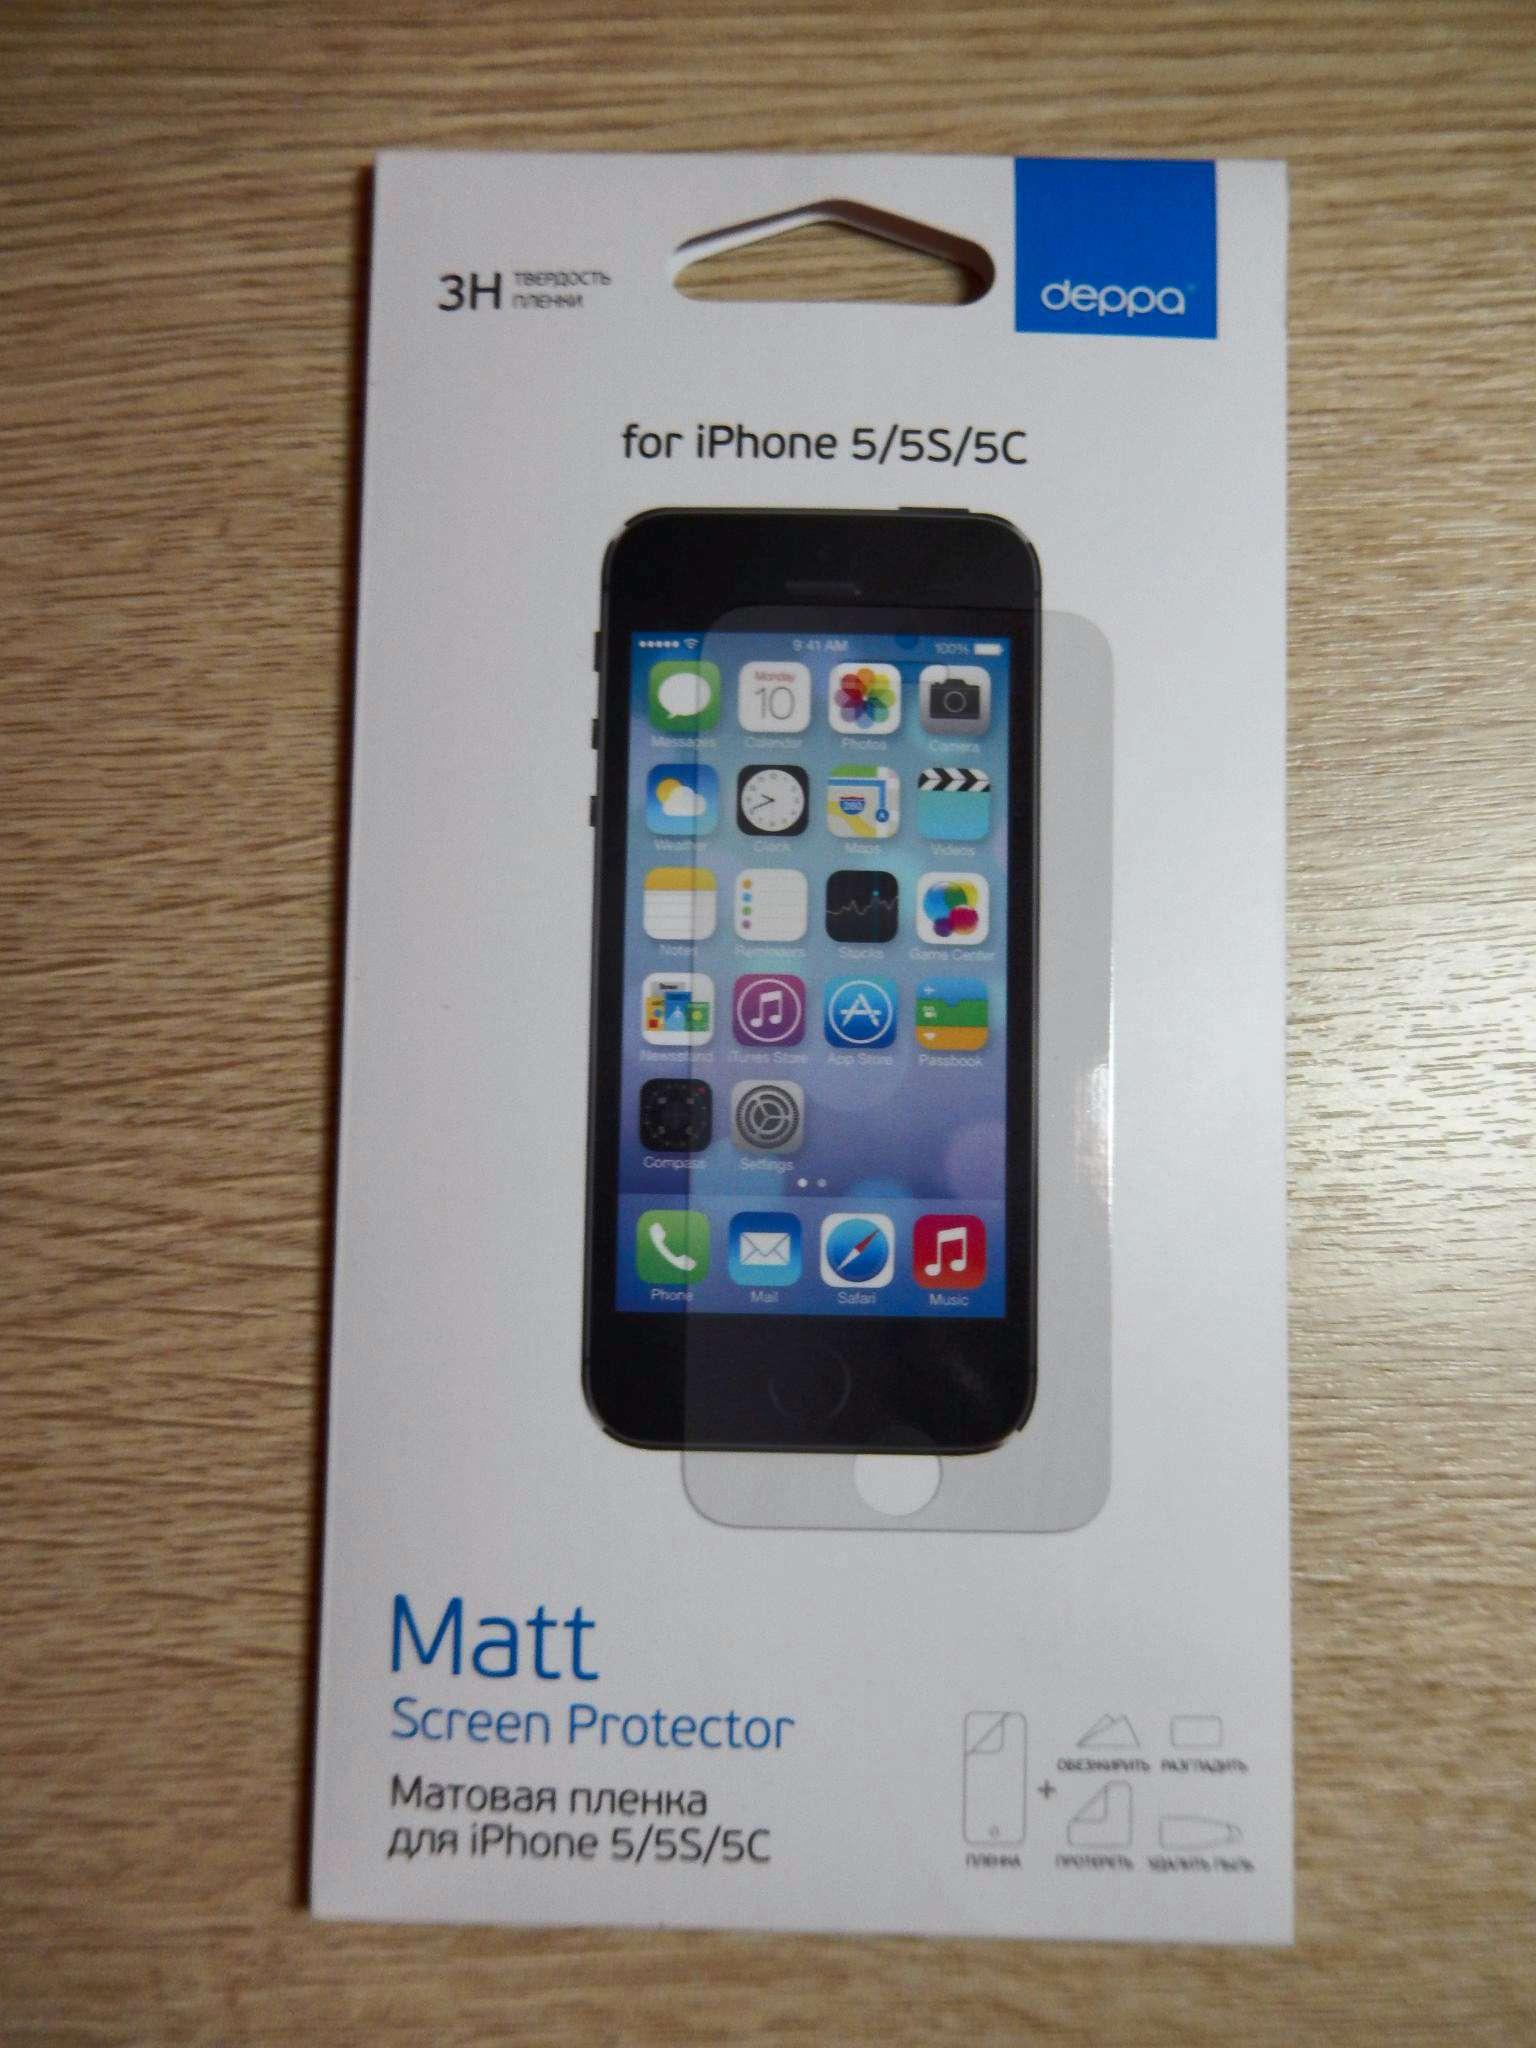 Батарея-чехол для IPhone 5 - wellamart.ua